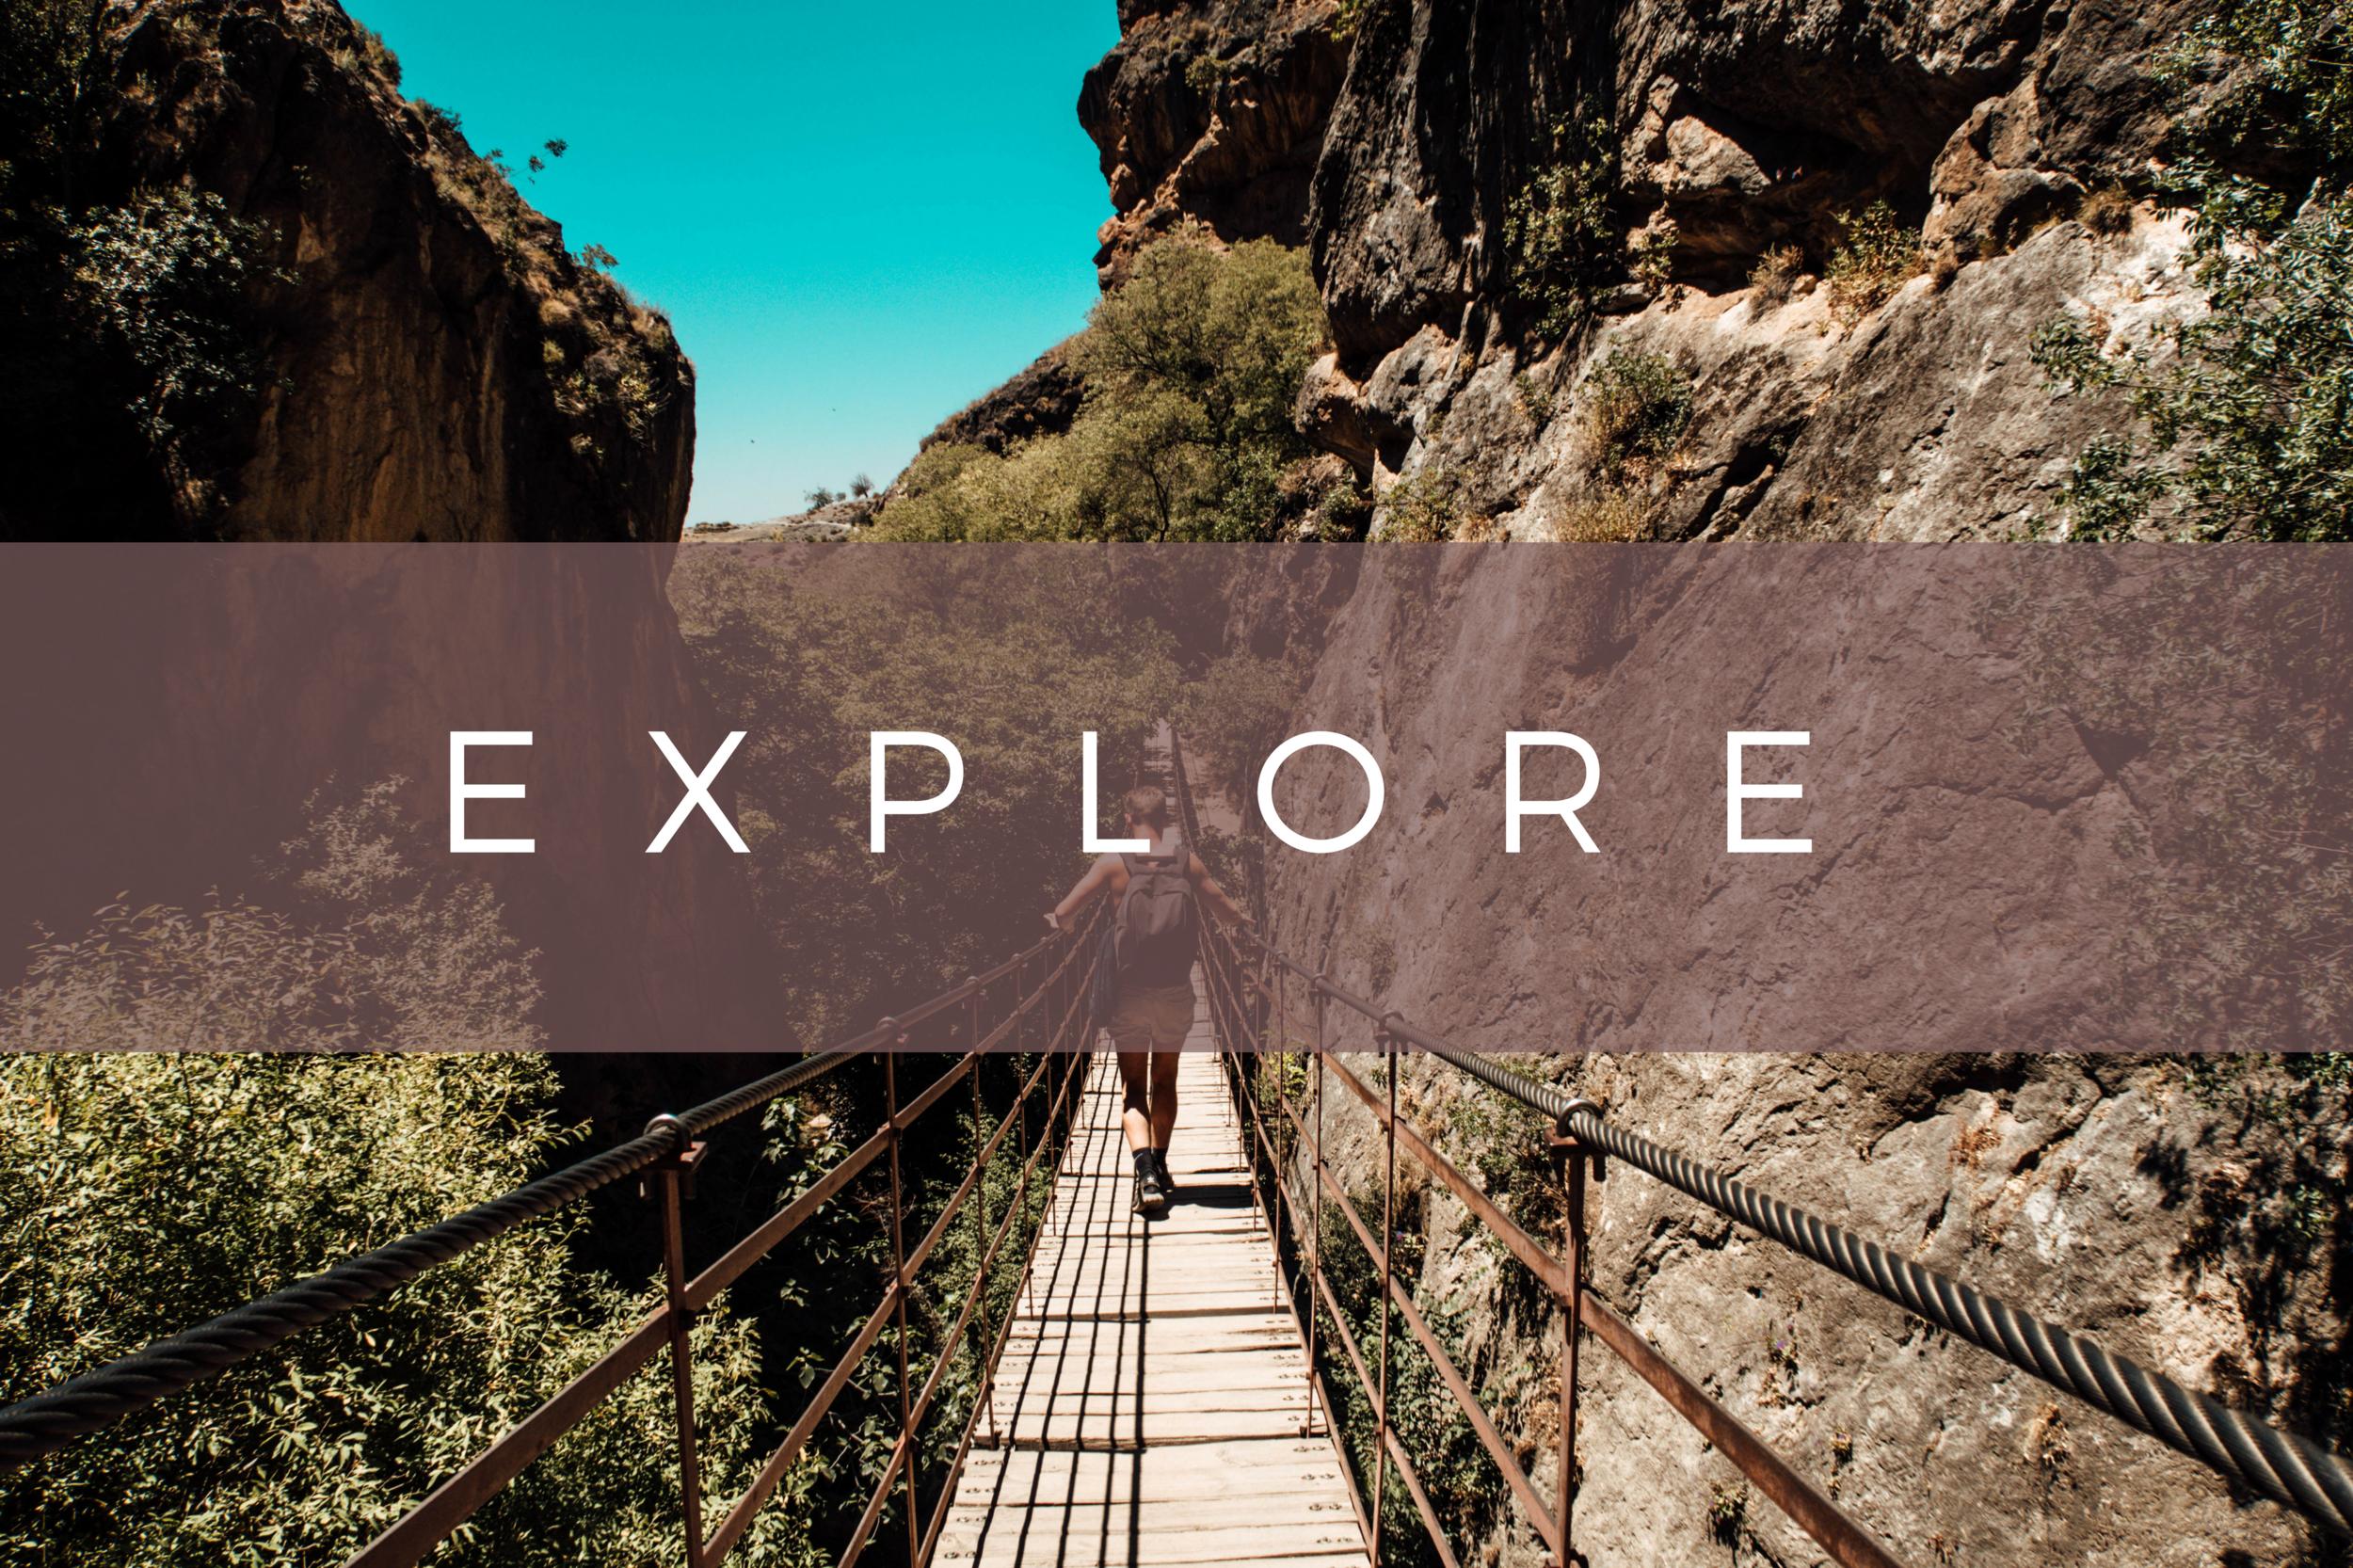 Explore More - earthchilderin